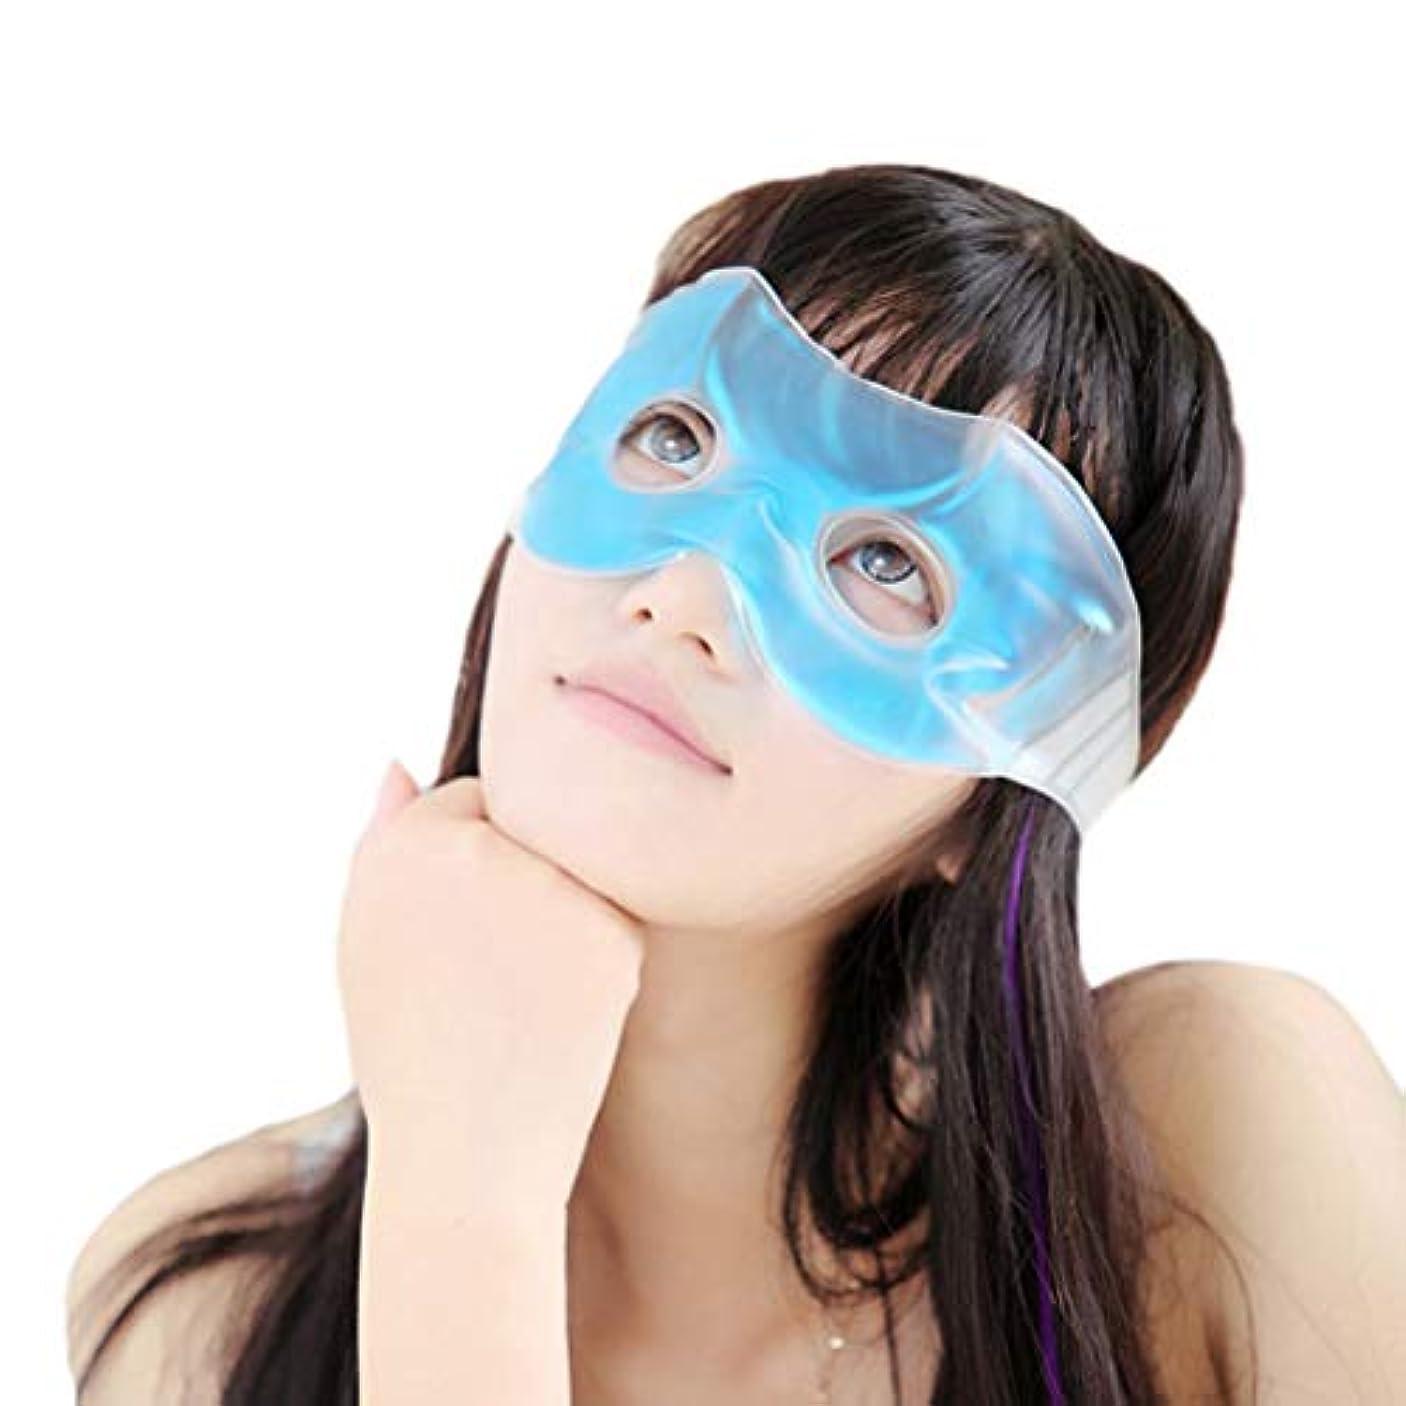 調停する化合物限りなくHealifty アイマスク ゲル アイスパッド アイスアイマスク 目隠し リラックス 冷却 パック 再使用可能 目の疲れ軽減 安眠 血行促進